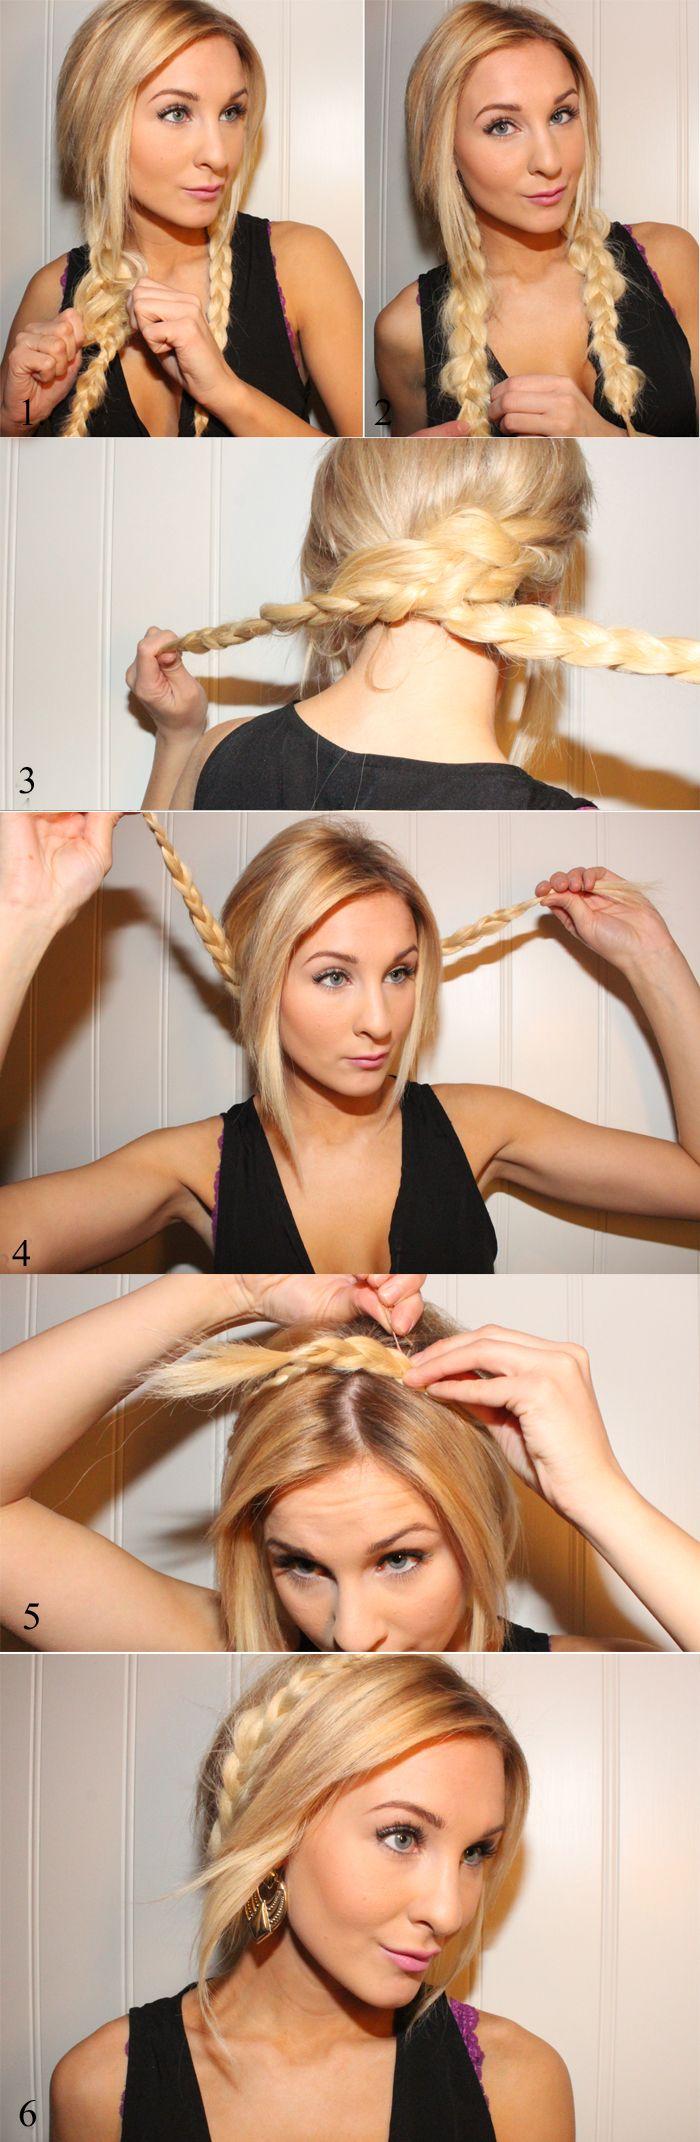 How to get Nicole Richies amazing hairdo!